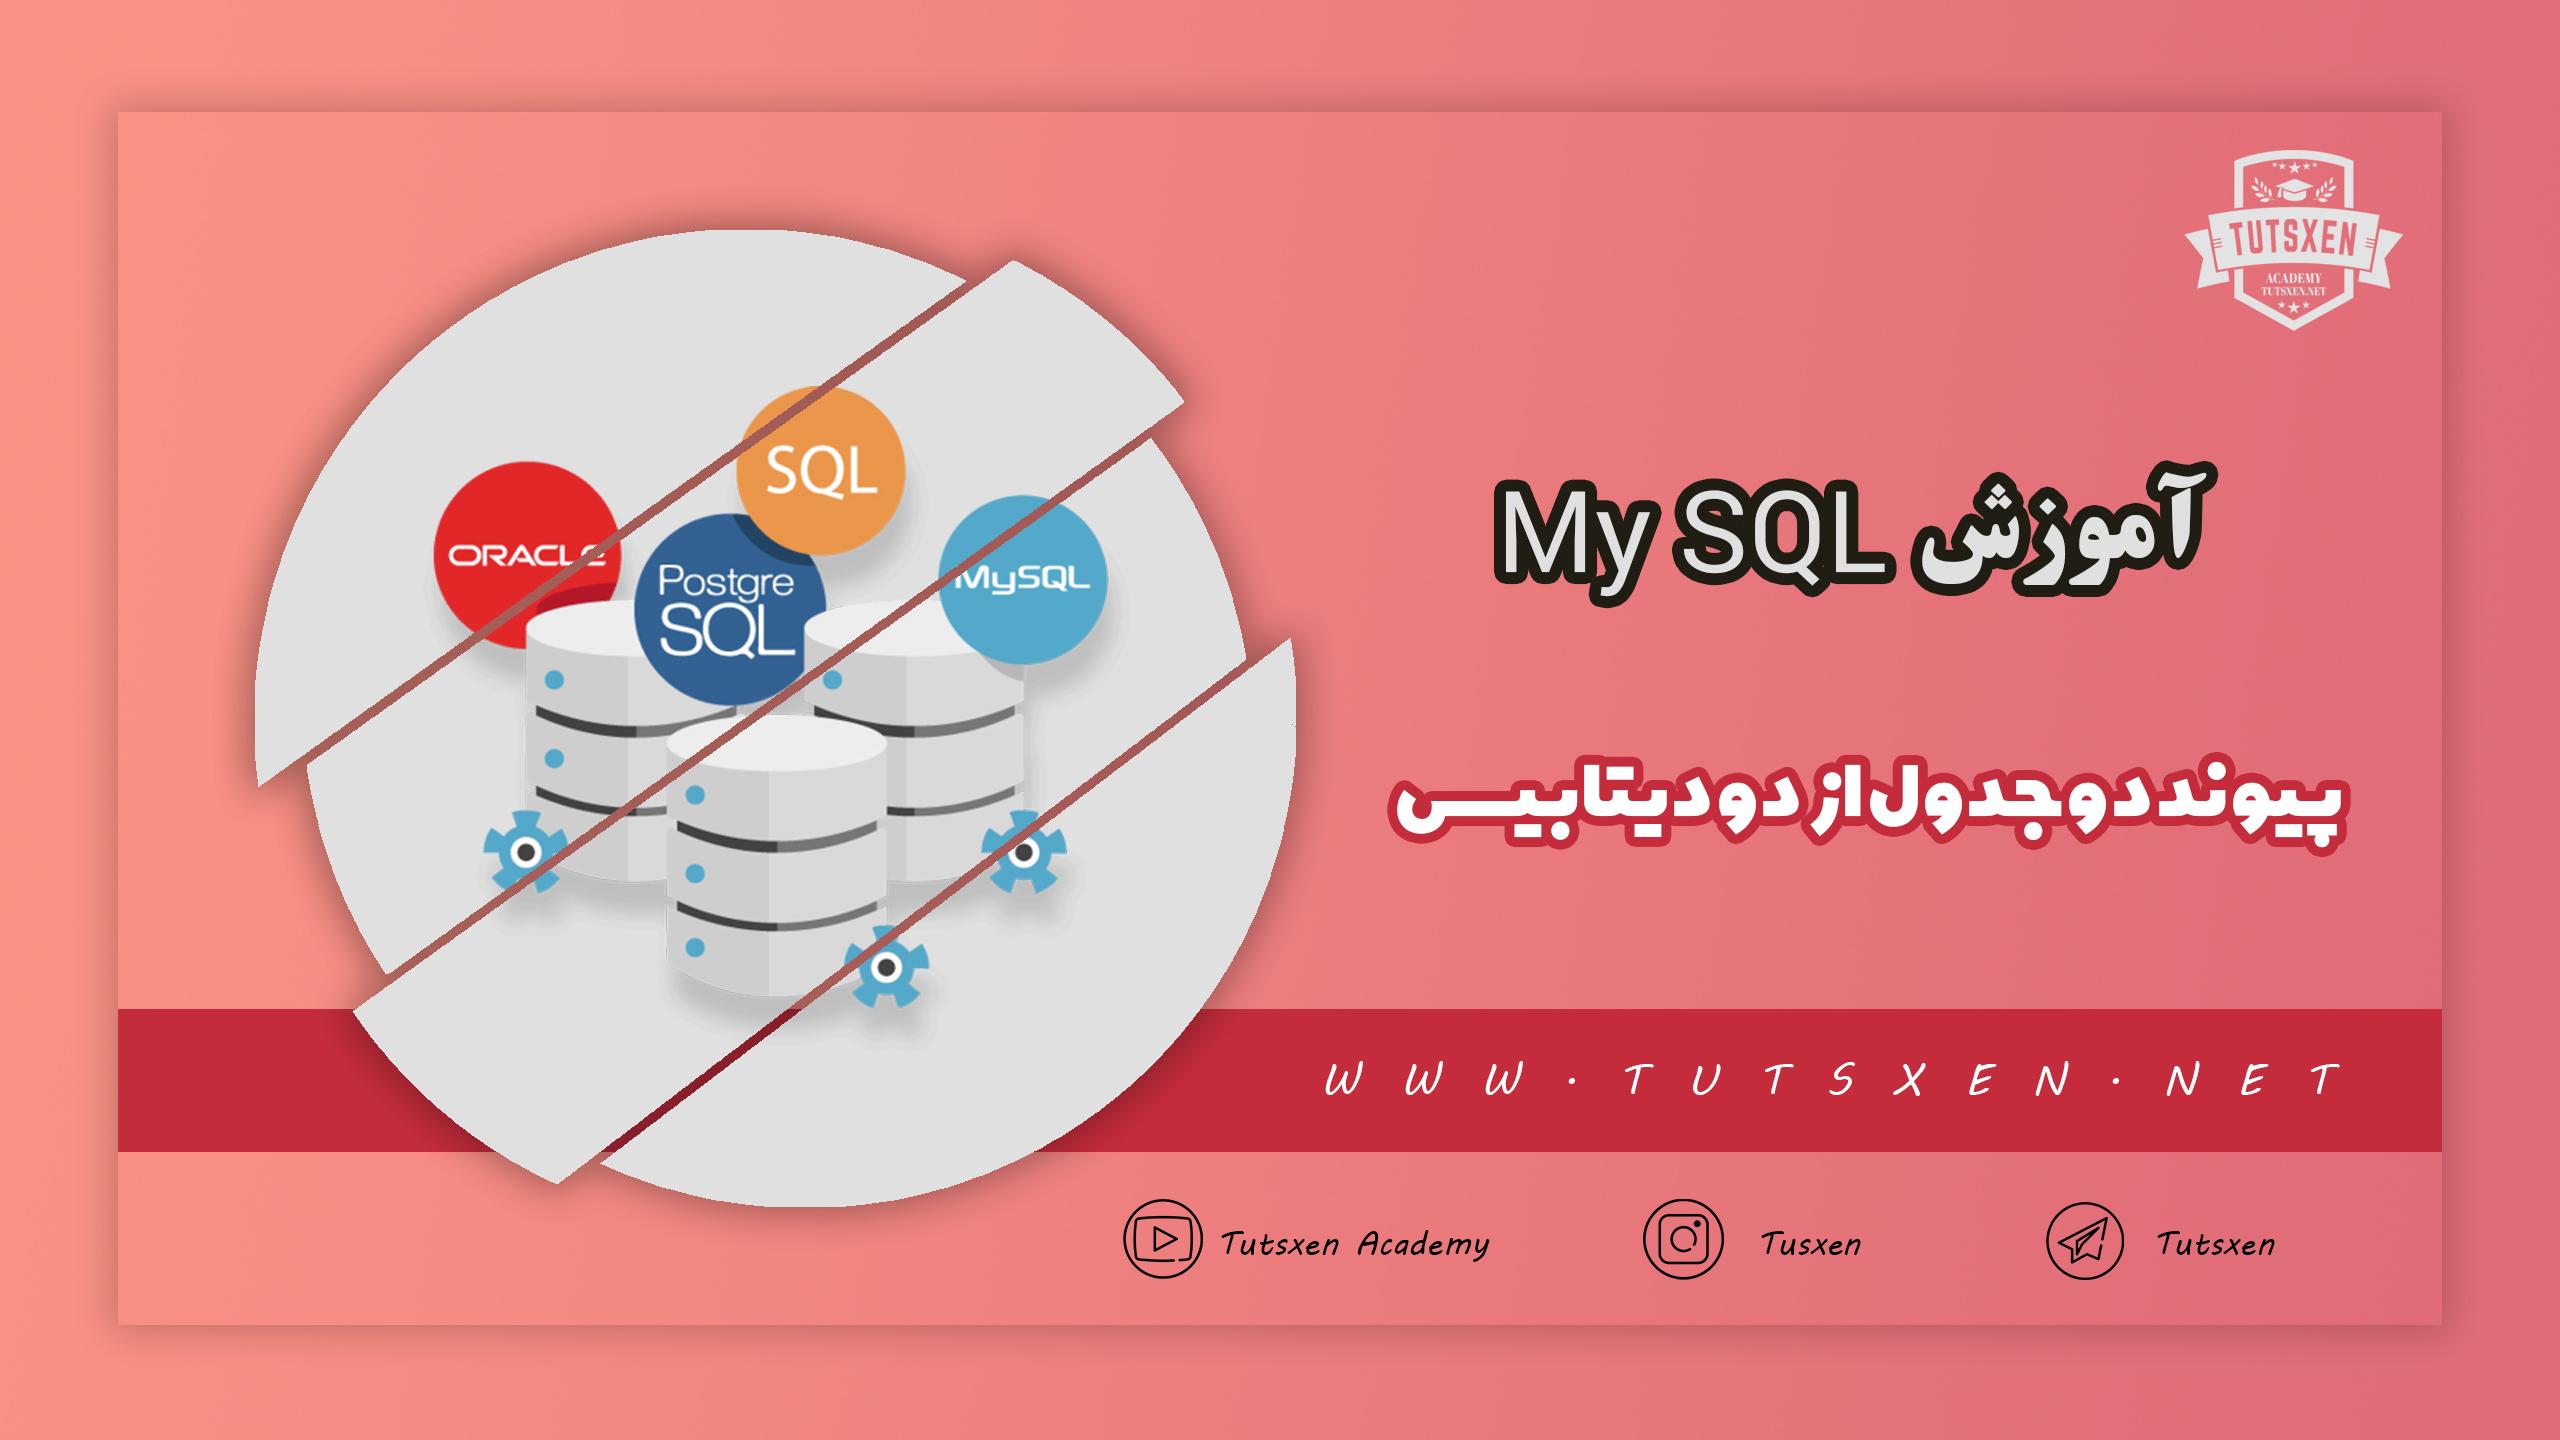 پیوند دو جدول از دو دیتابیس – MY SQL